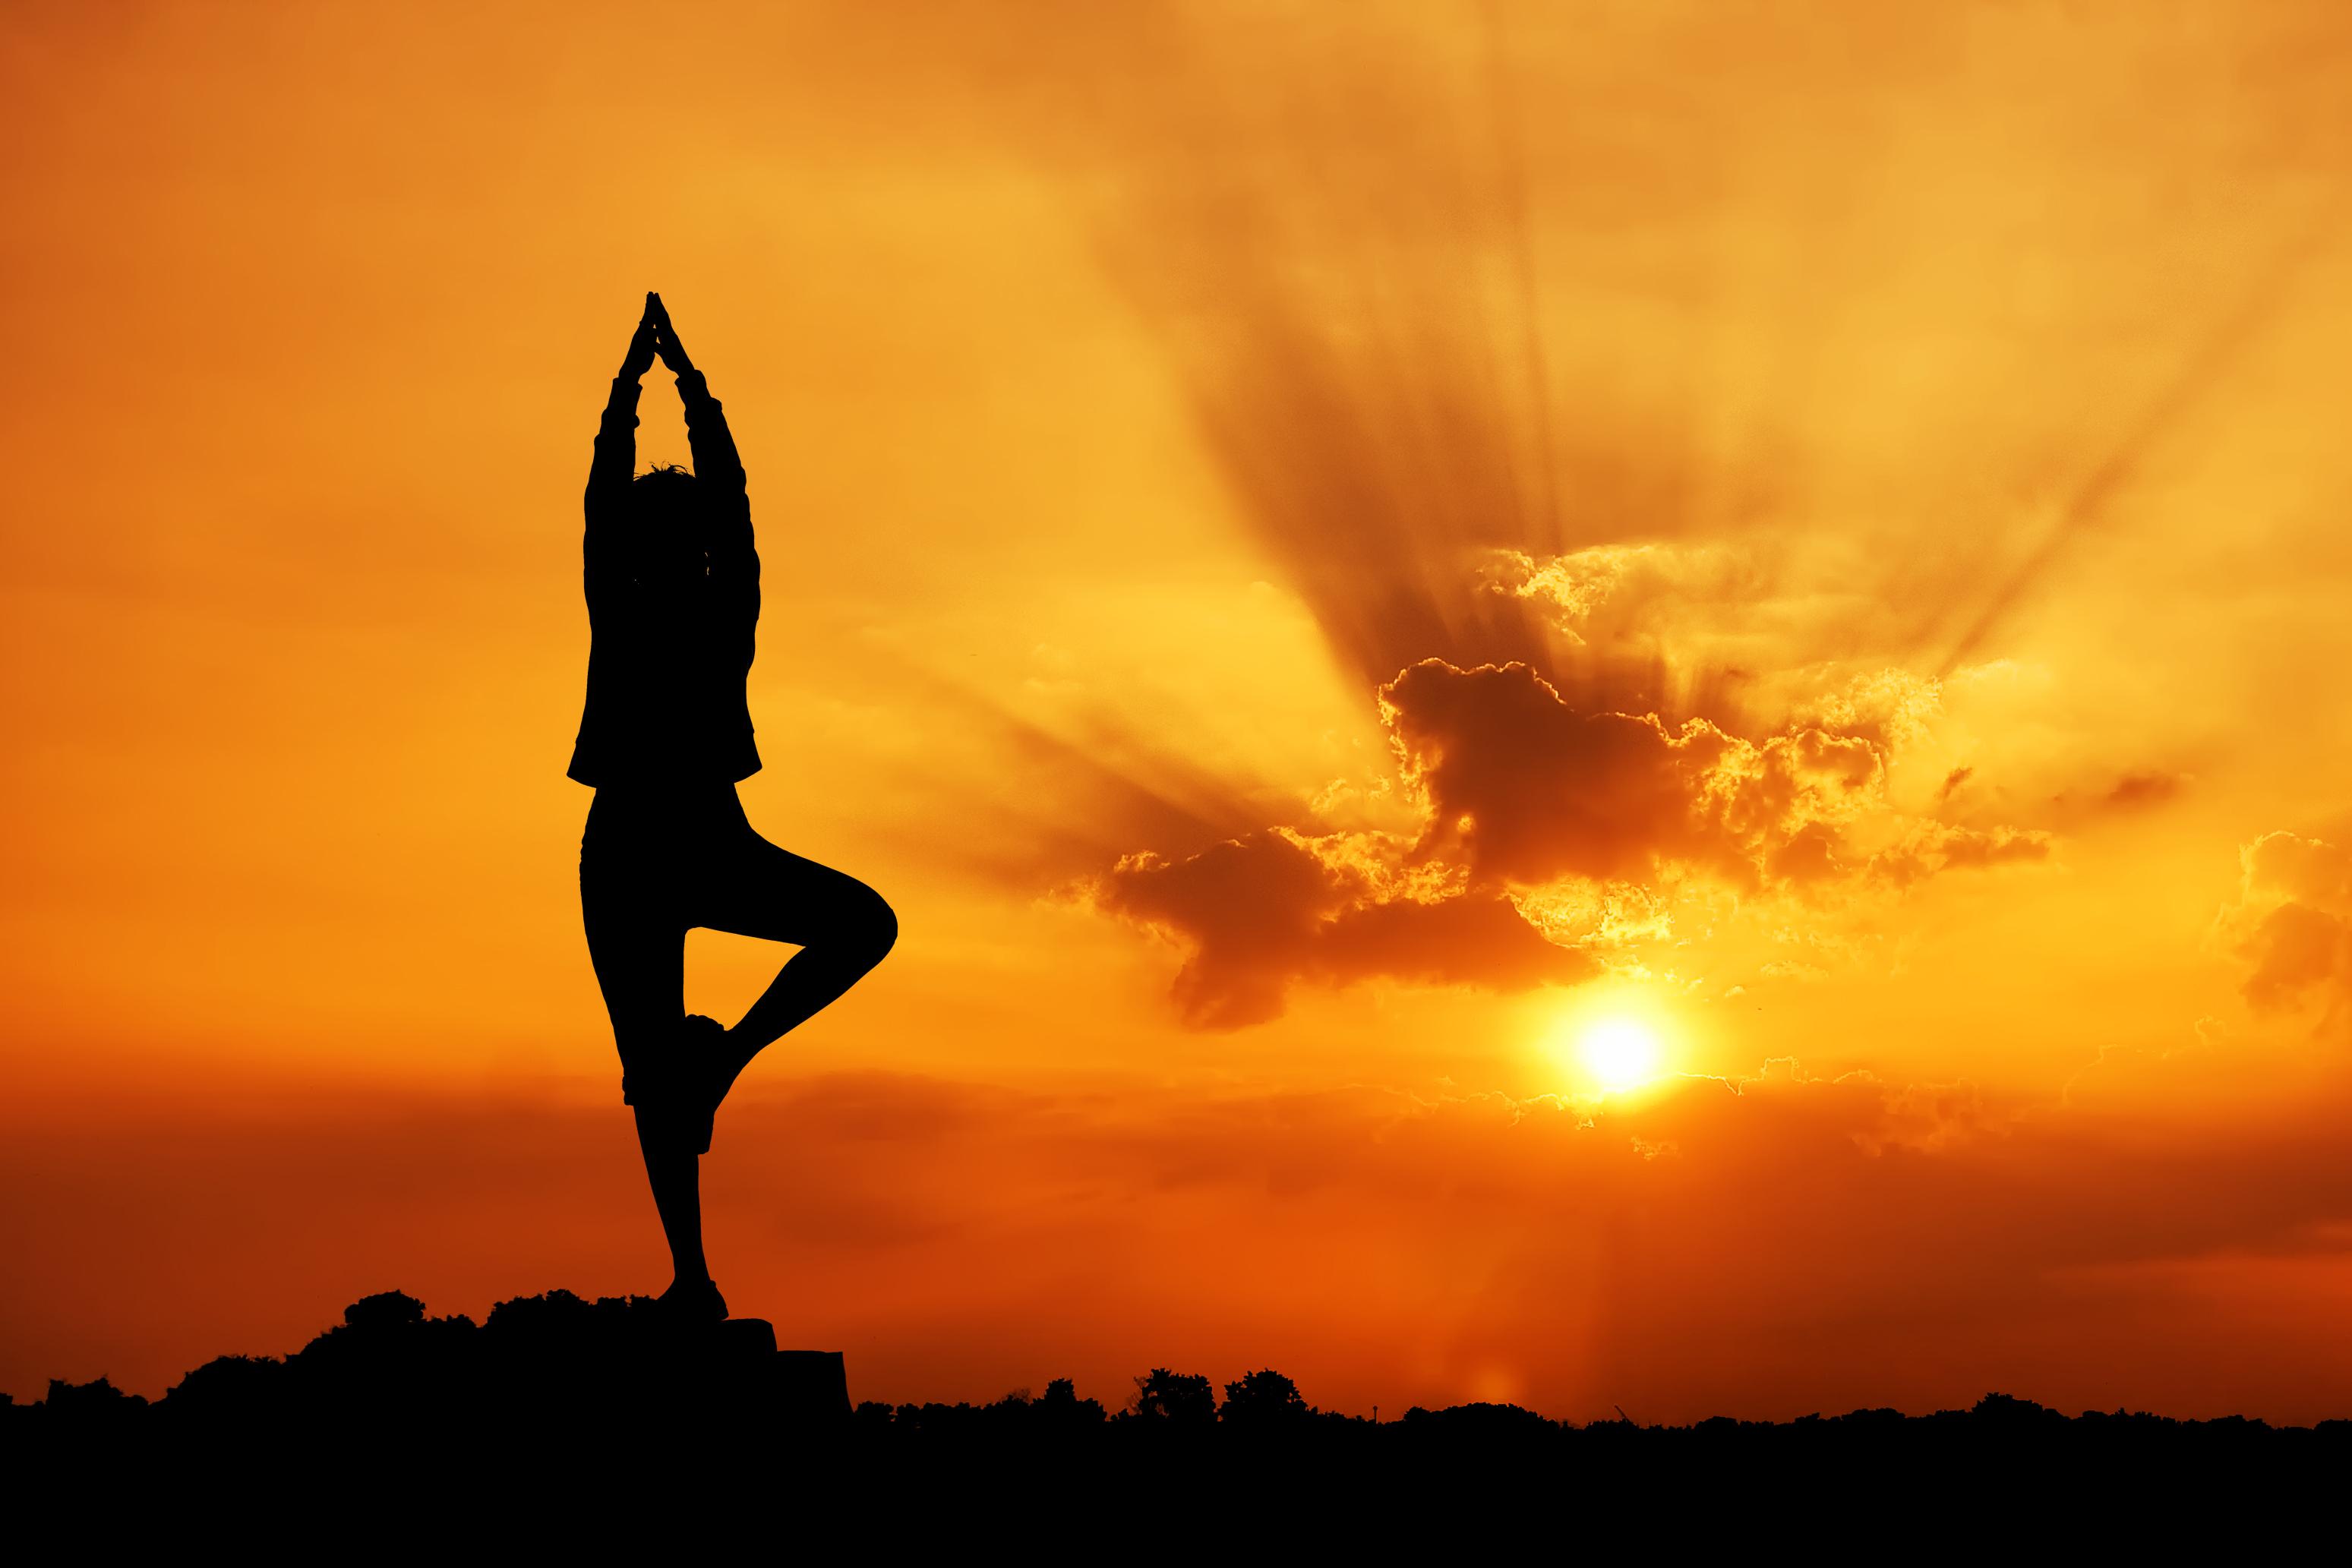 Йога оздоровление видео в hd — photo 7